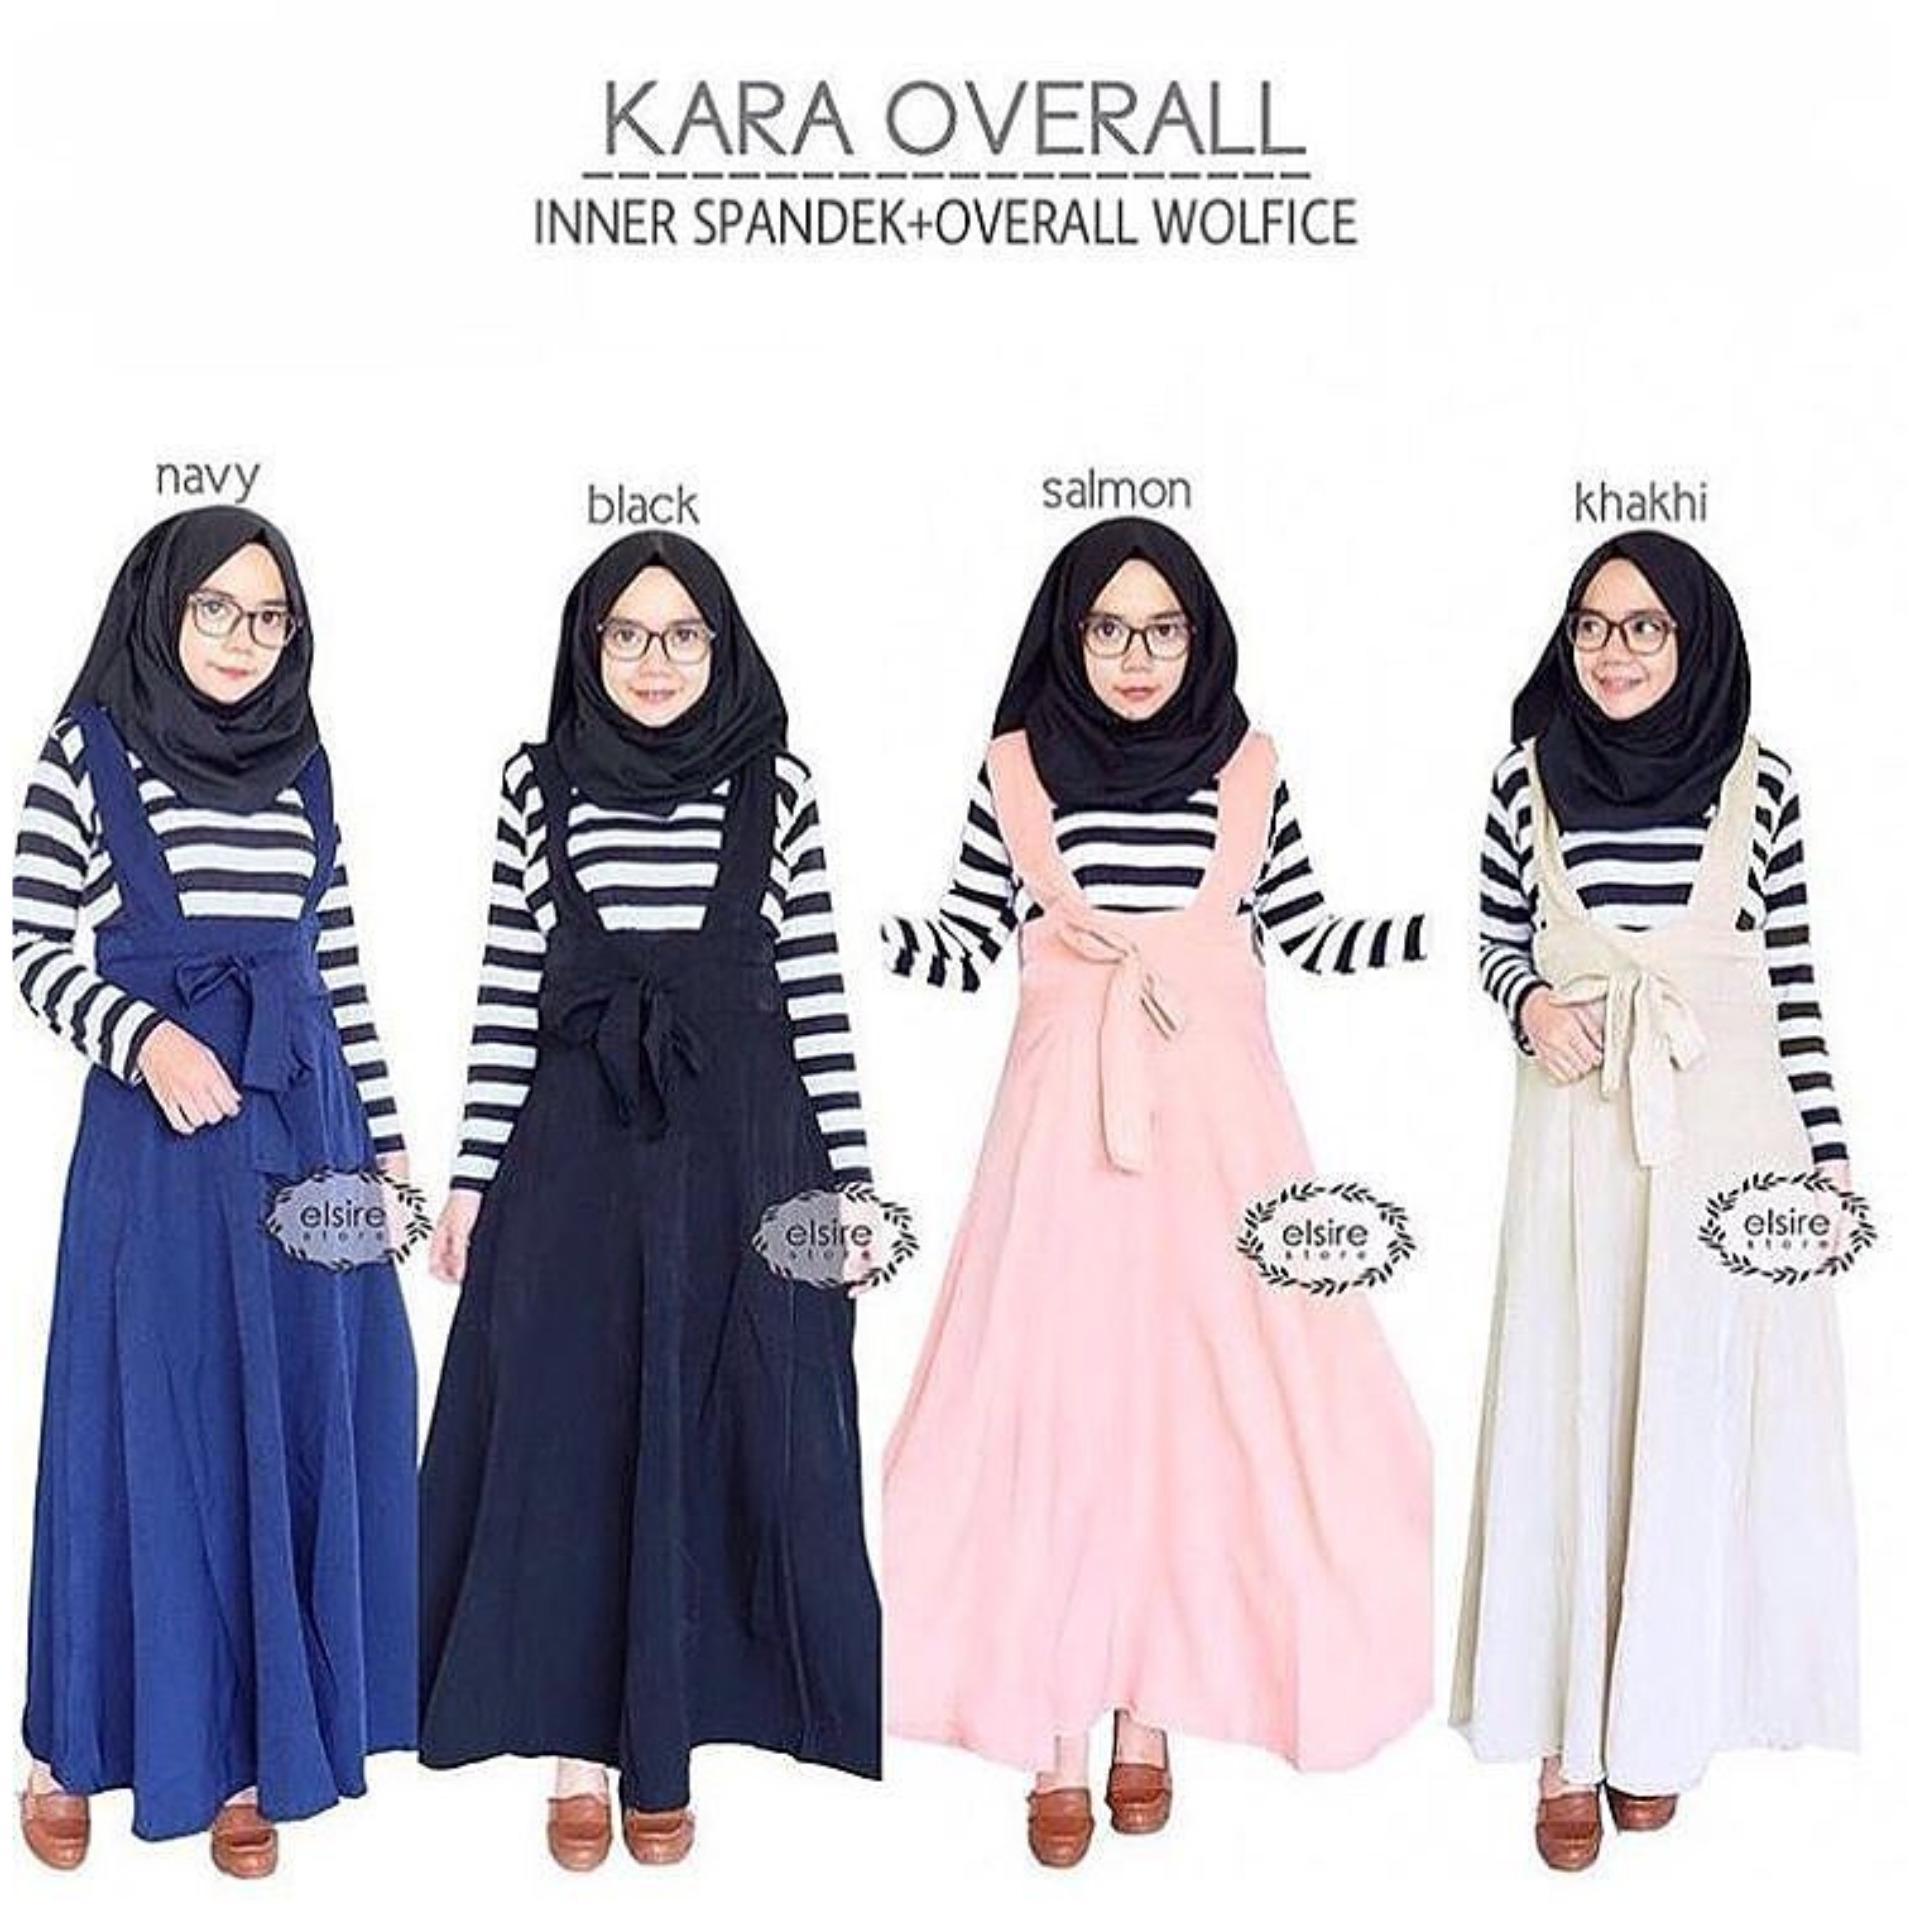 Jual Baju Original Kara Overall Inner Spandek Wolfice Stelan Wanita Muslimah Celana Joger Panjang Casual Khaki Branded Original